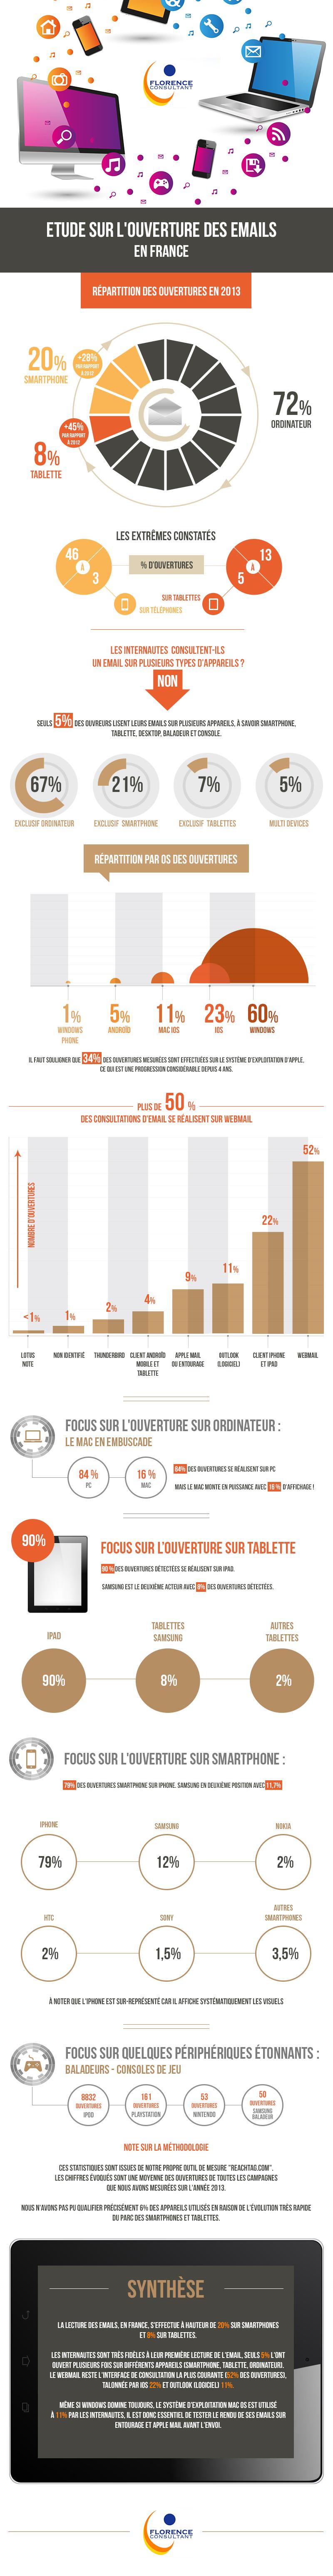 Infographie: Rapport sur l'ouverture des e-mail en France courriels newsletter infolettre